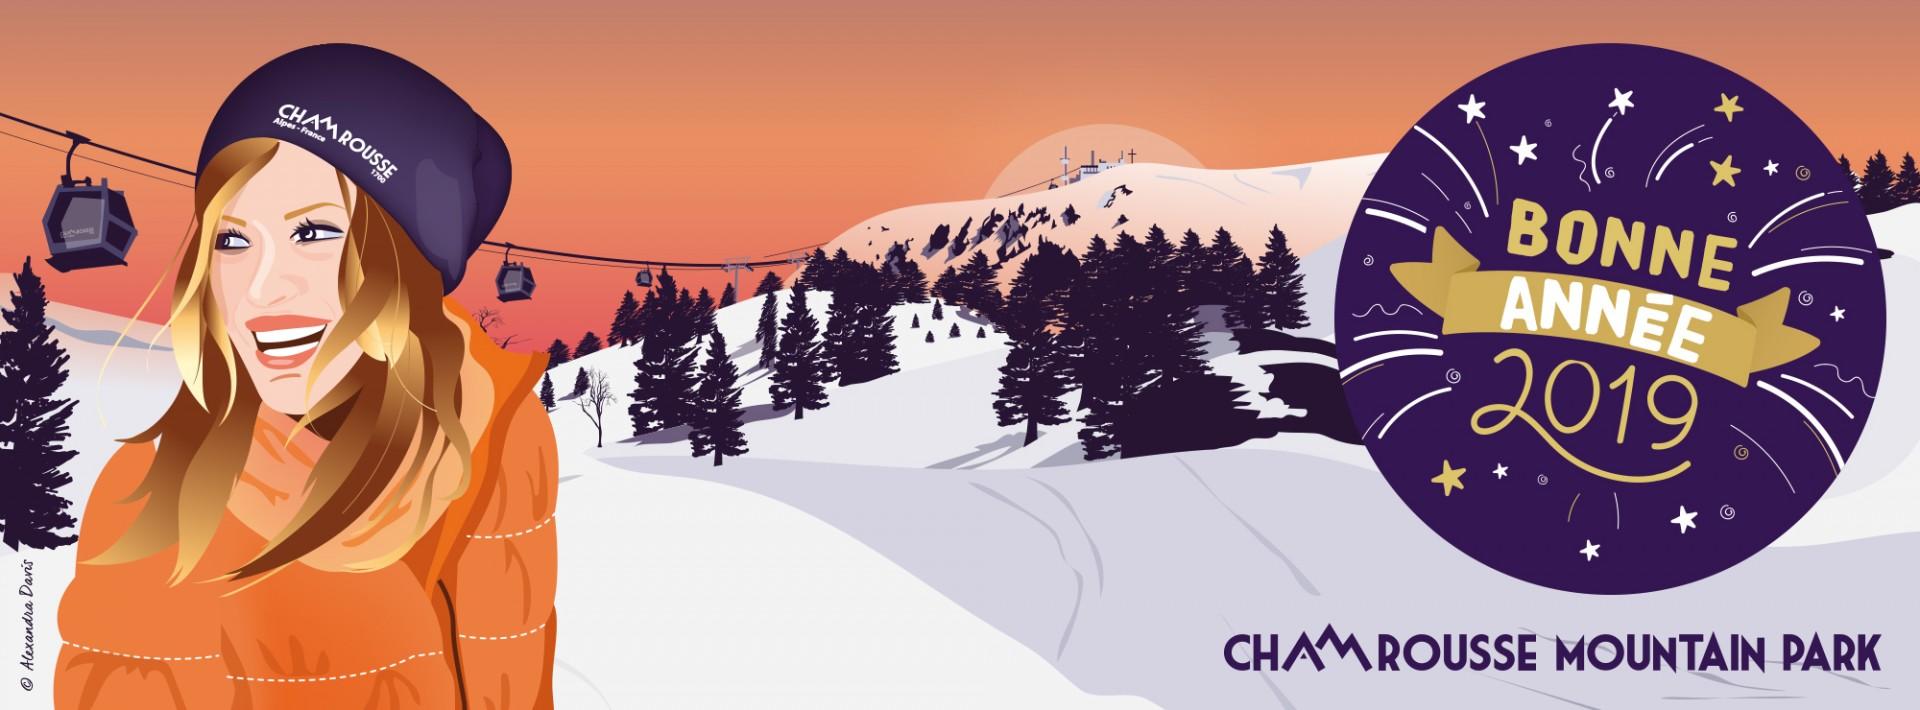 Chamrousse - Bonne année 2019